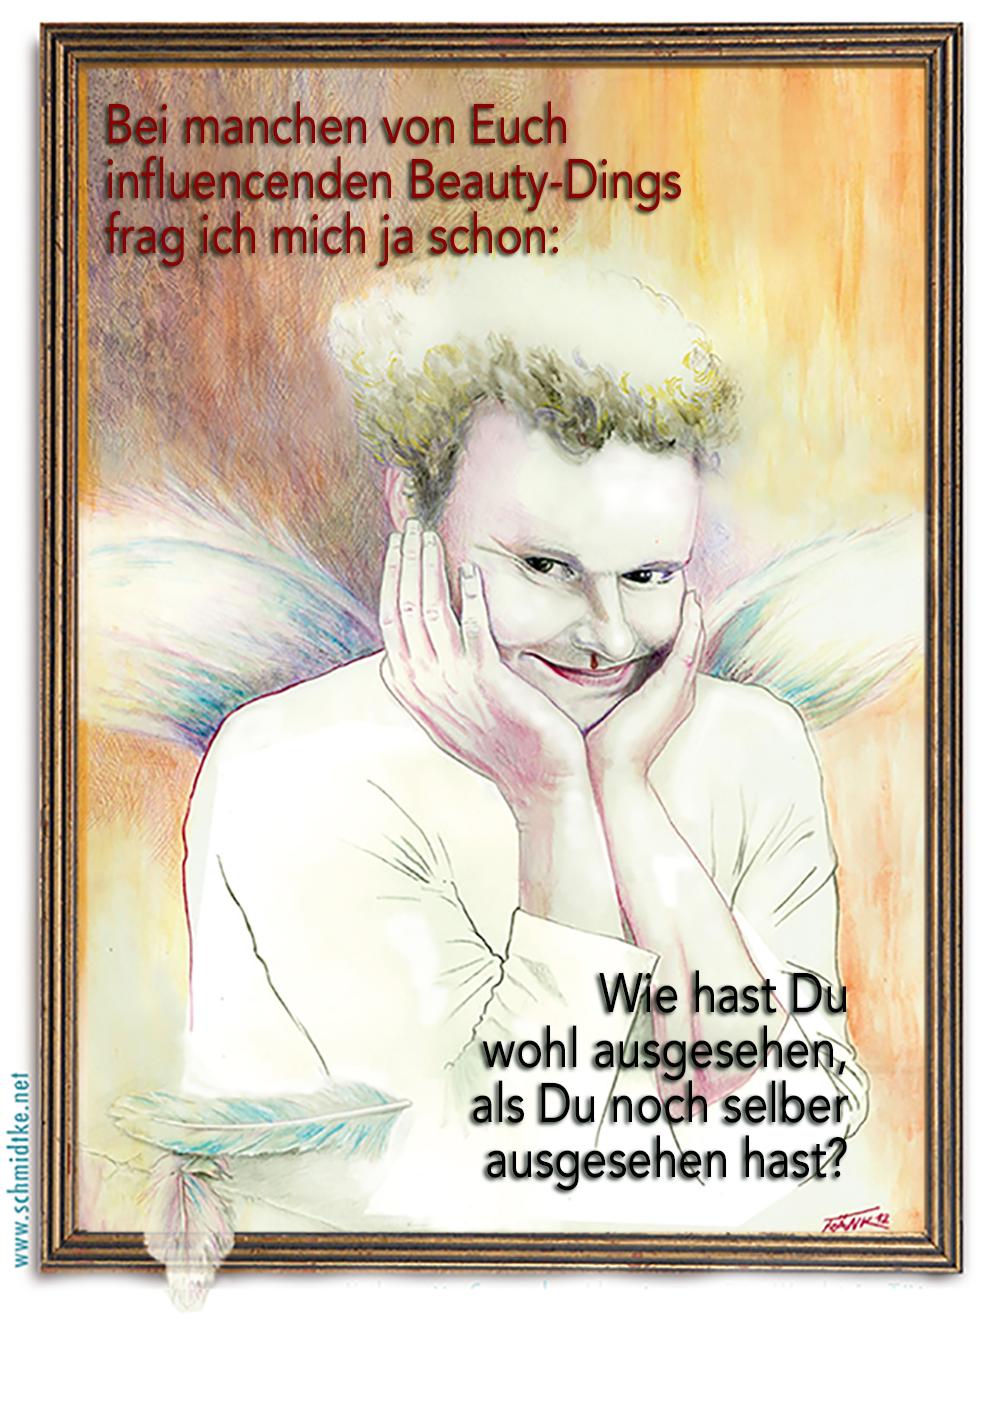 Eine Zeichnung zeigt Zeha Schmidtke als gezeichneten Engel. Darüber der Text:   Bei manchen von Euch influencenden Beauty-Dings frag ich mich ja schon: Wie hast Du wohl ausgesehen,  als Du noch selber  ausgesehen hast?